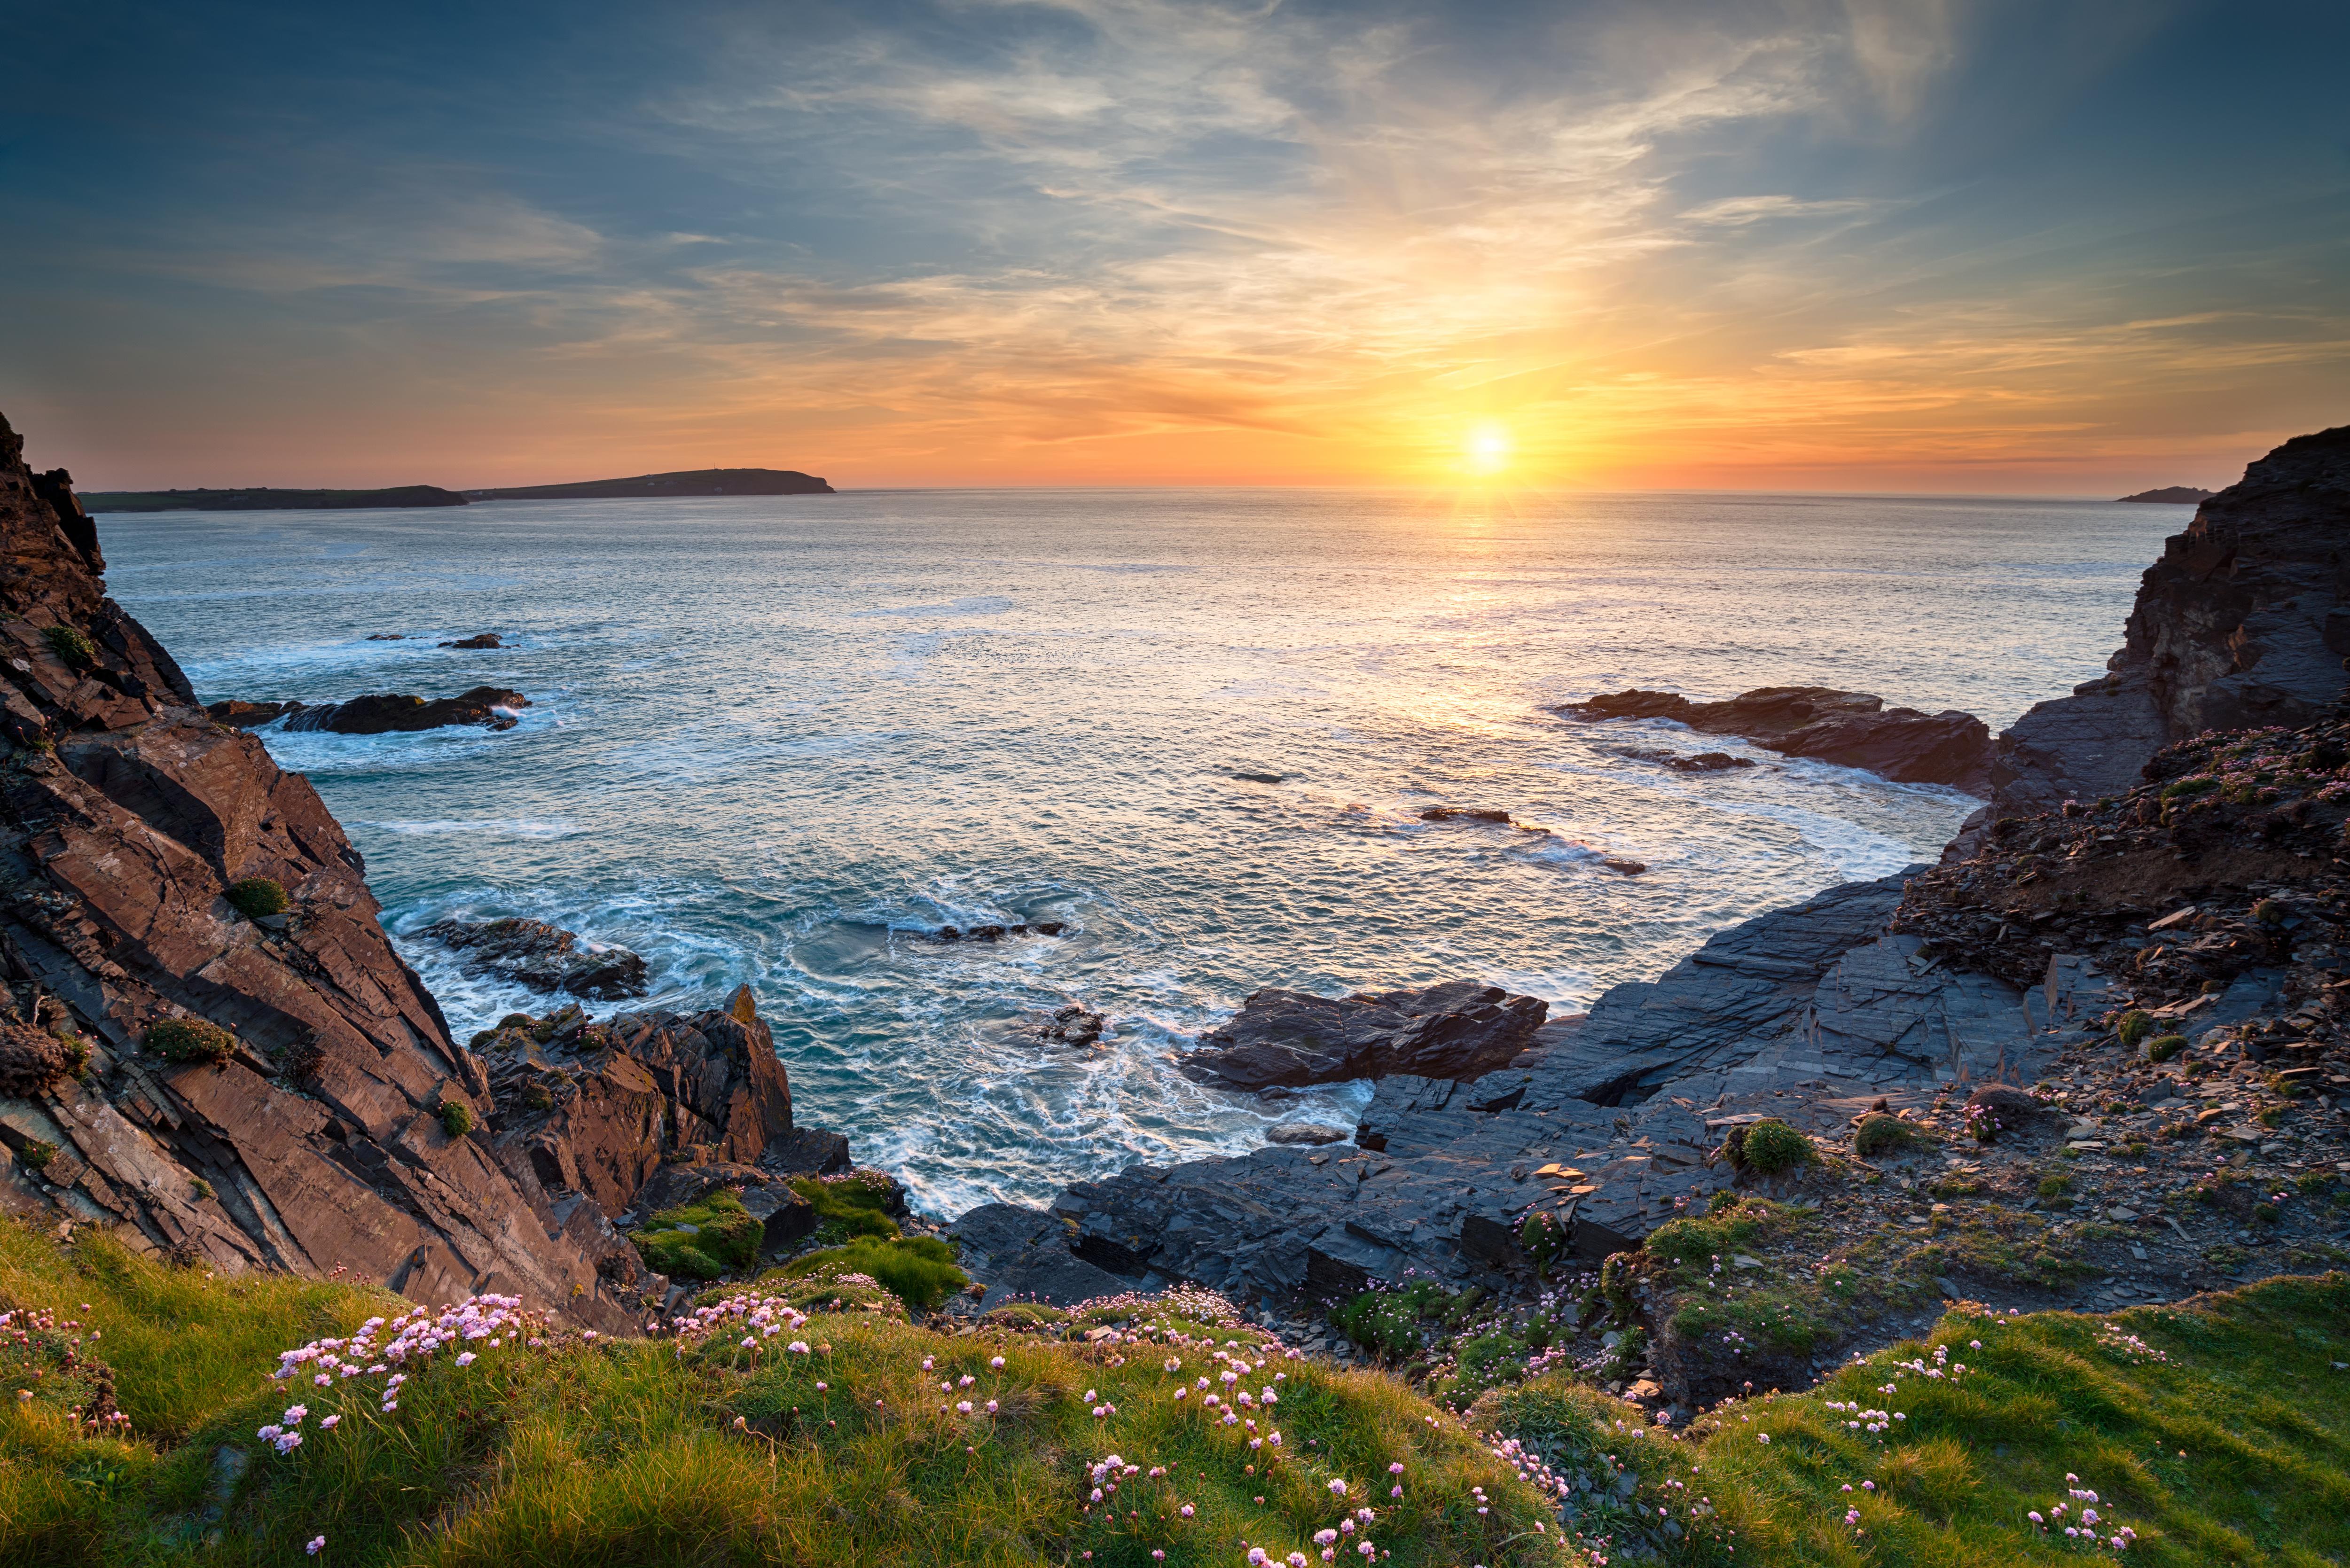 Sunset At Longcarrow Cove Inspiration